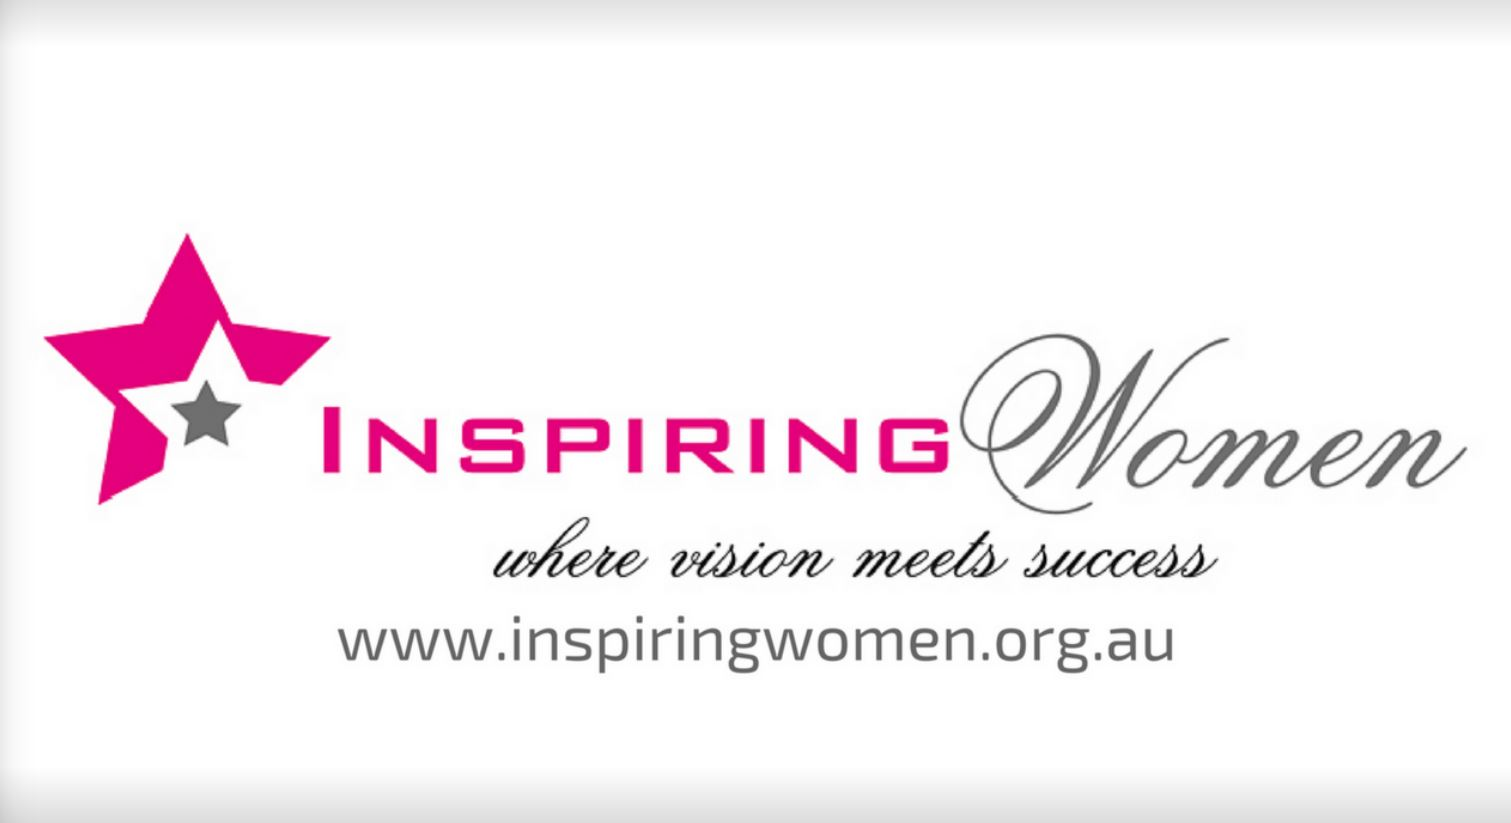 nspiring women